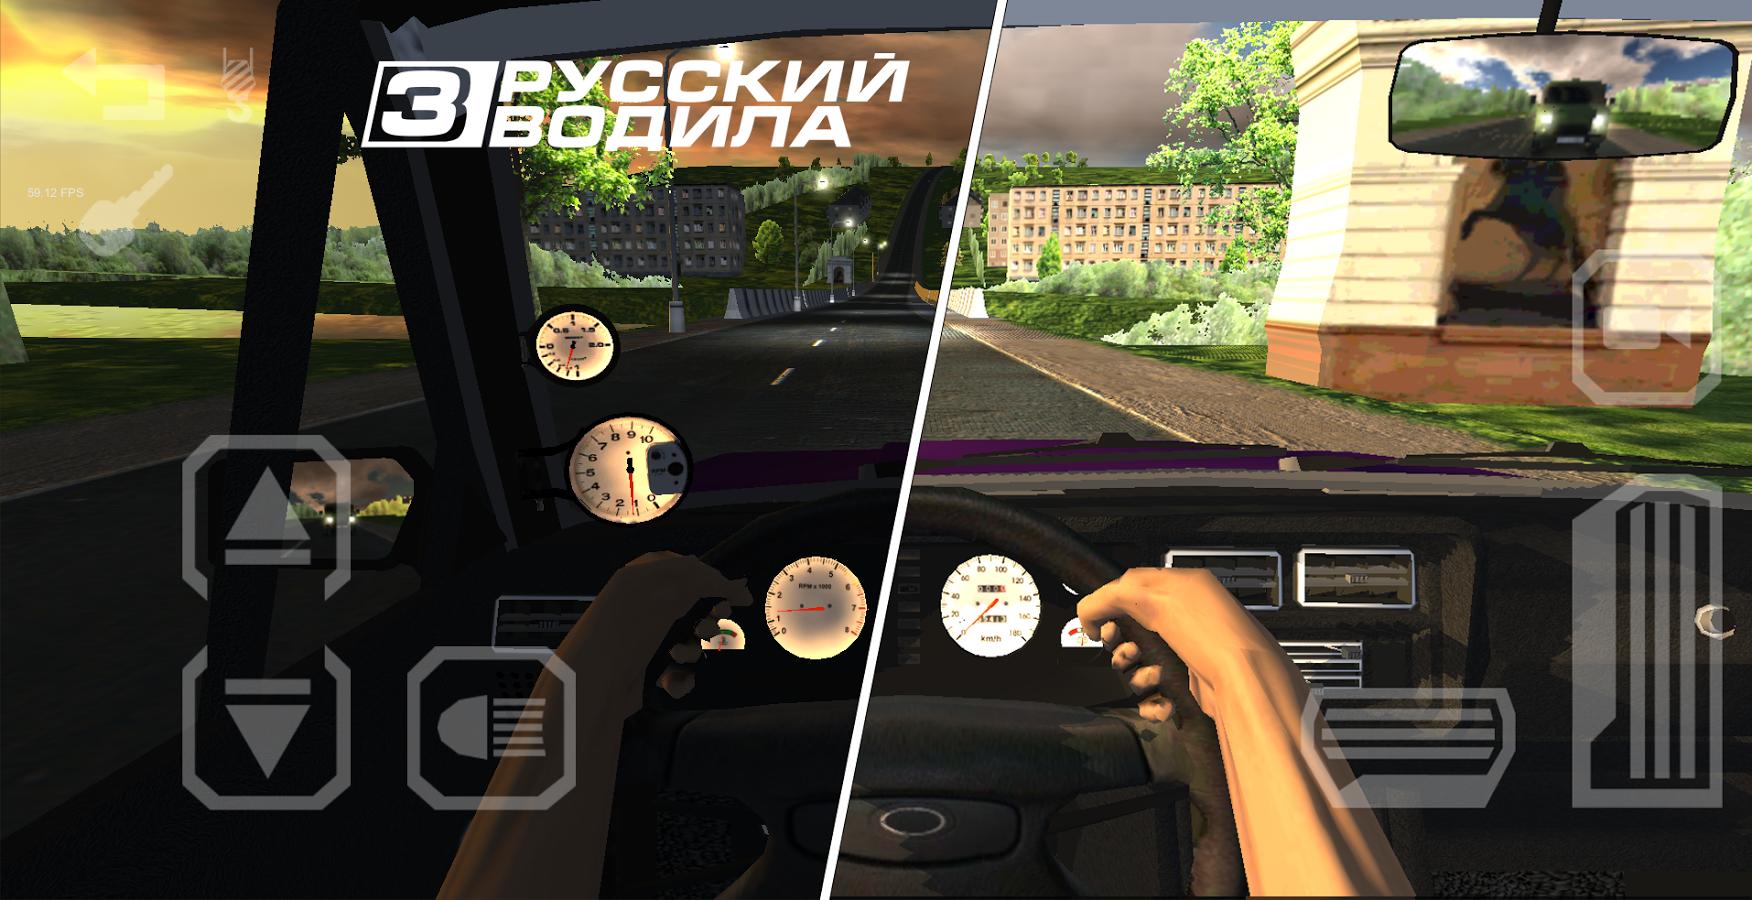 Скачать русский водила 3 в крым 1. 24 для android.